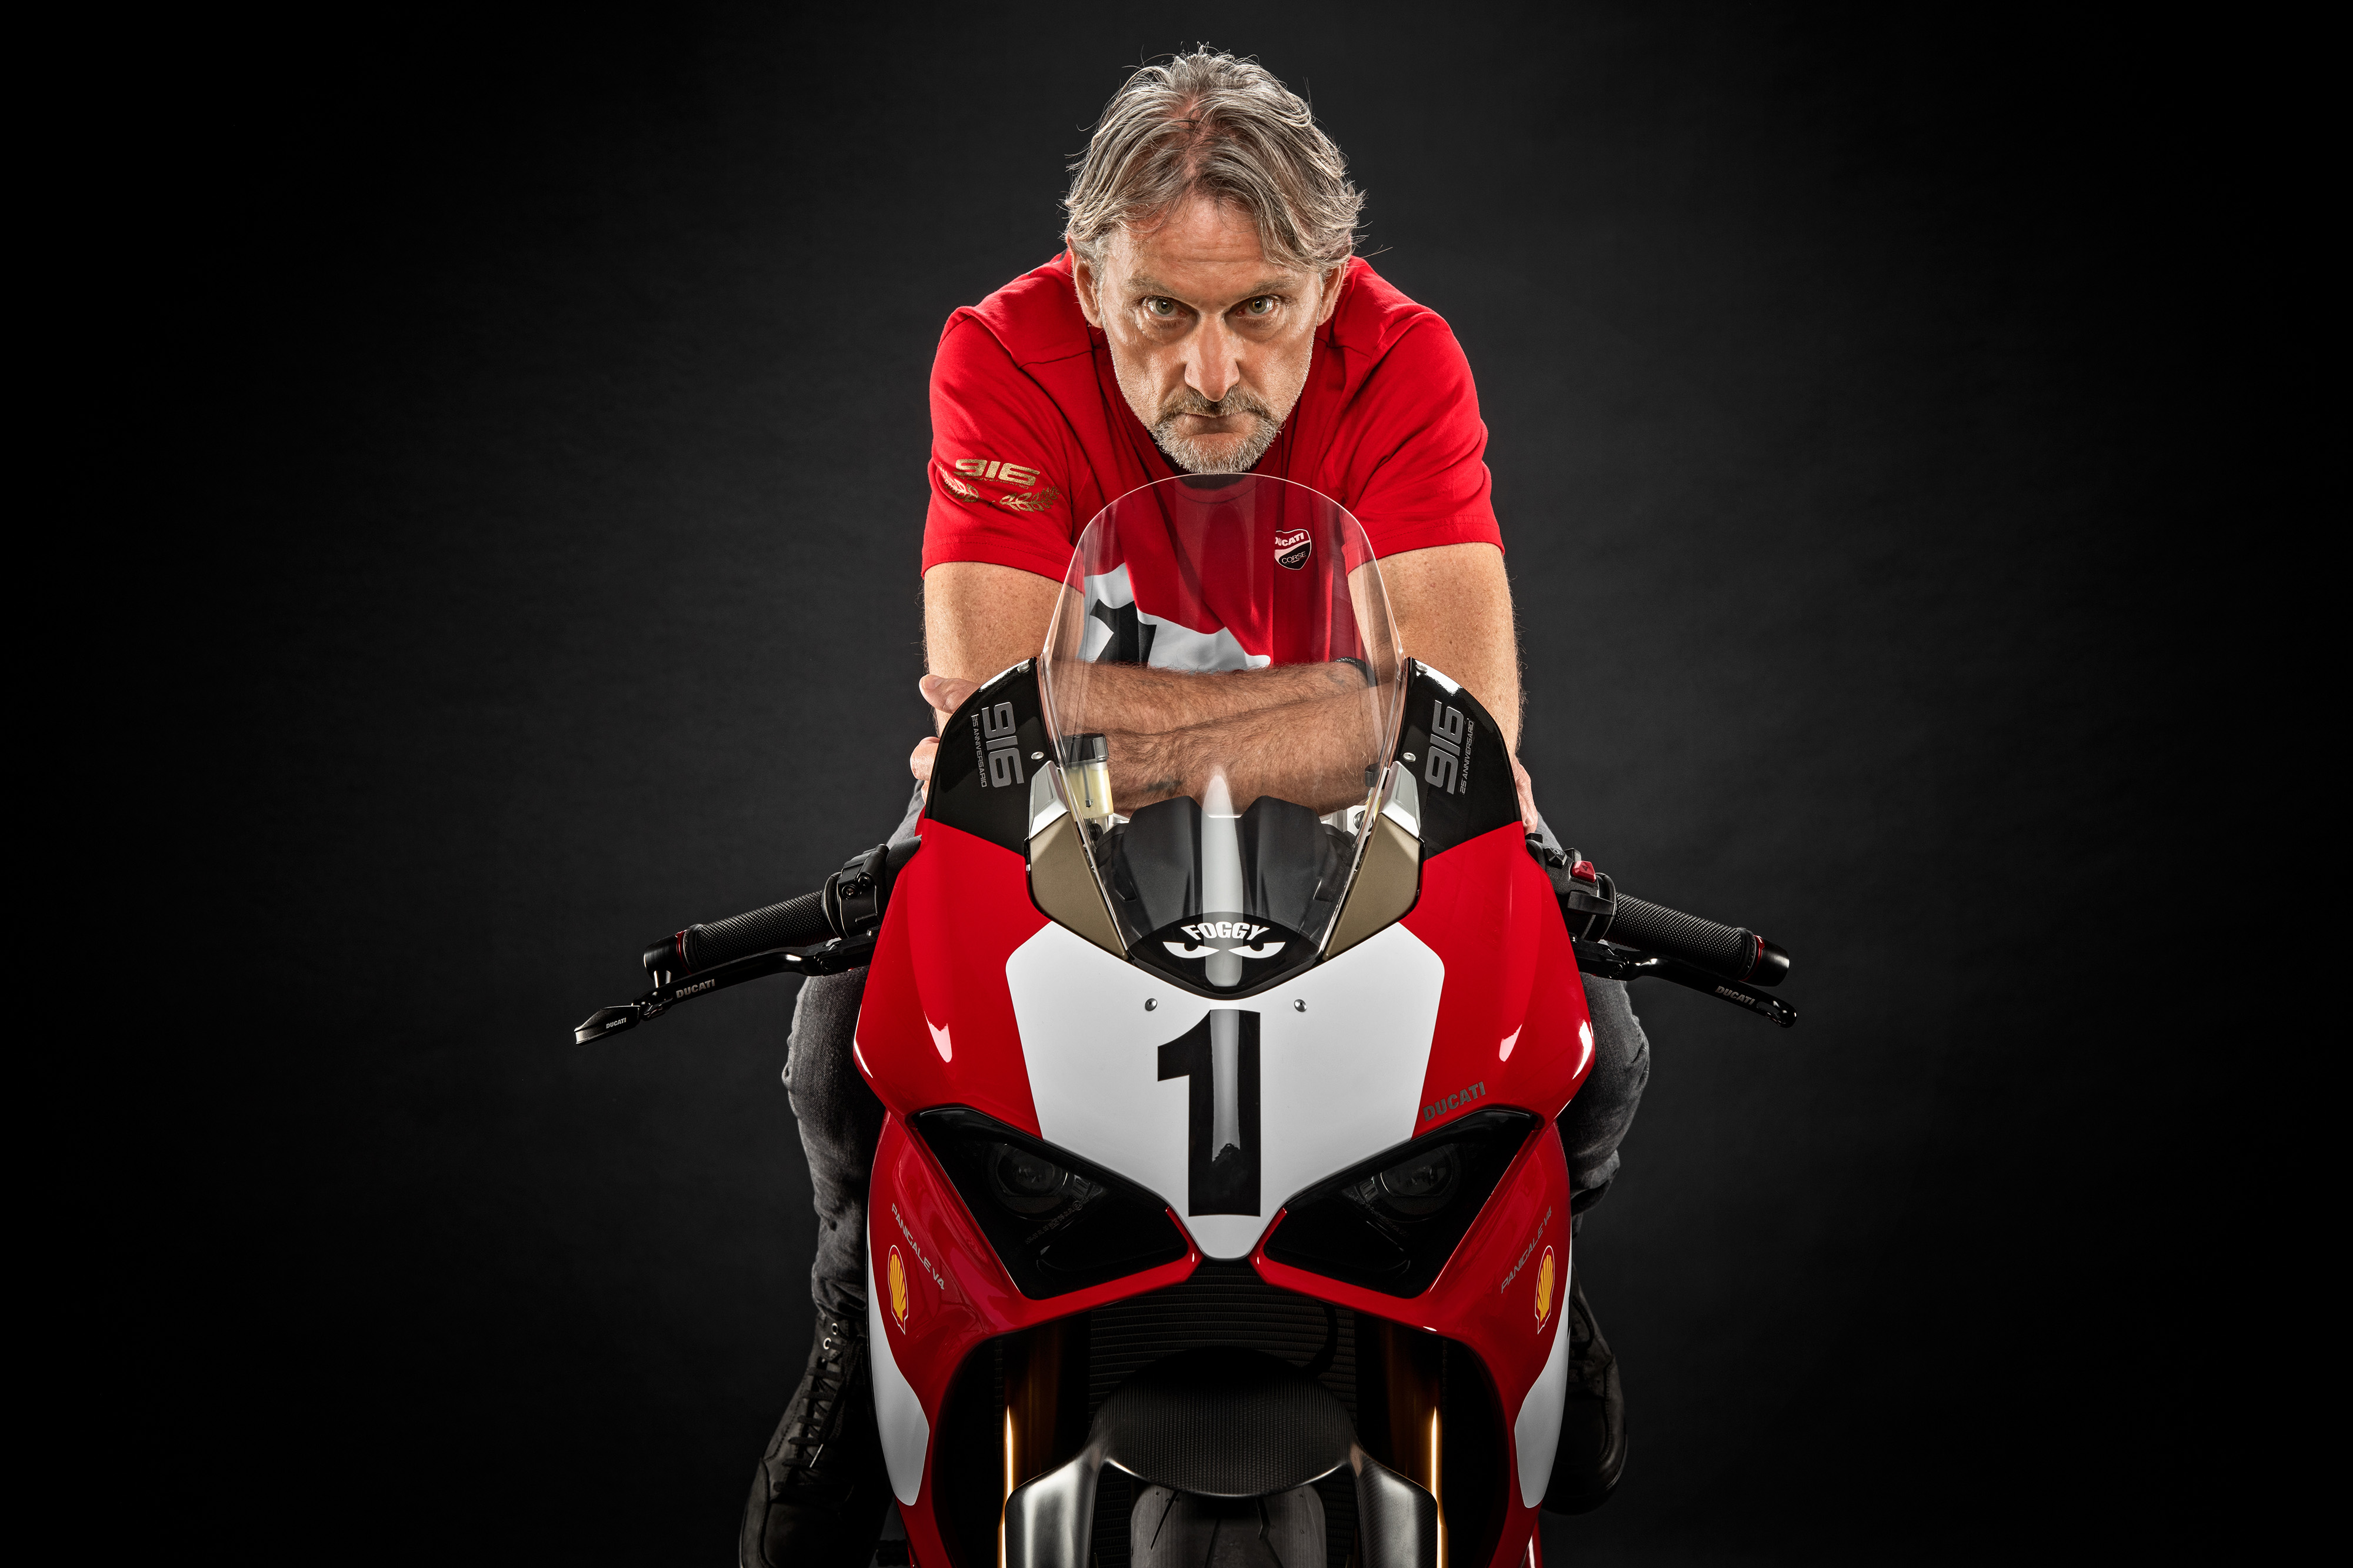 25º aniversário da Ducati 916 celebrado com edição limitada da Panigale V4